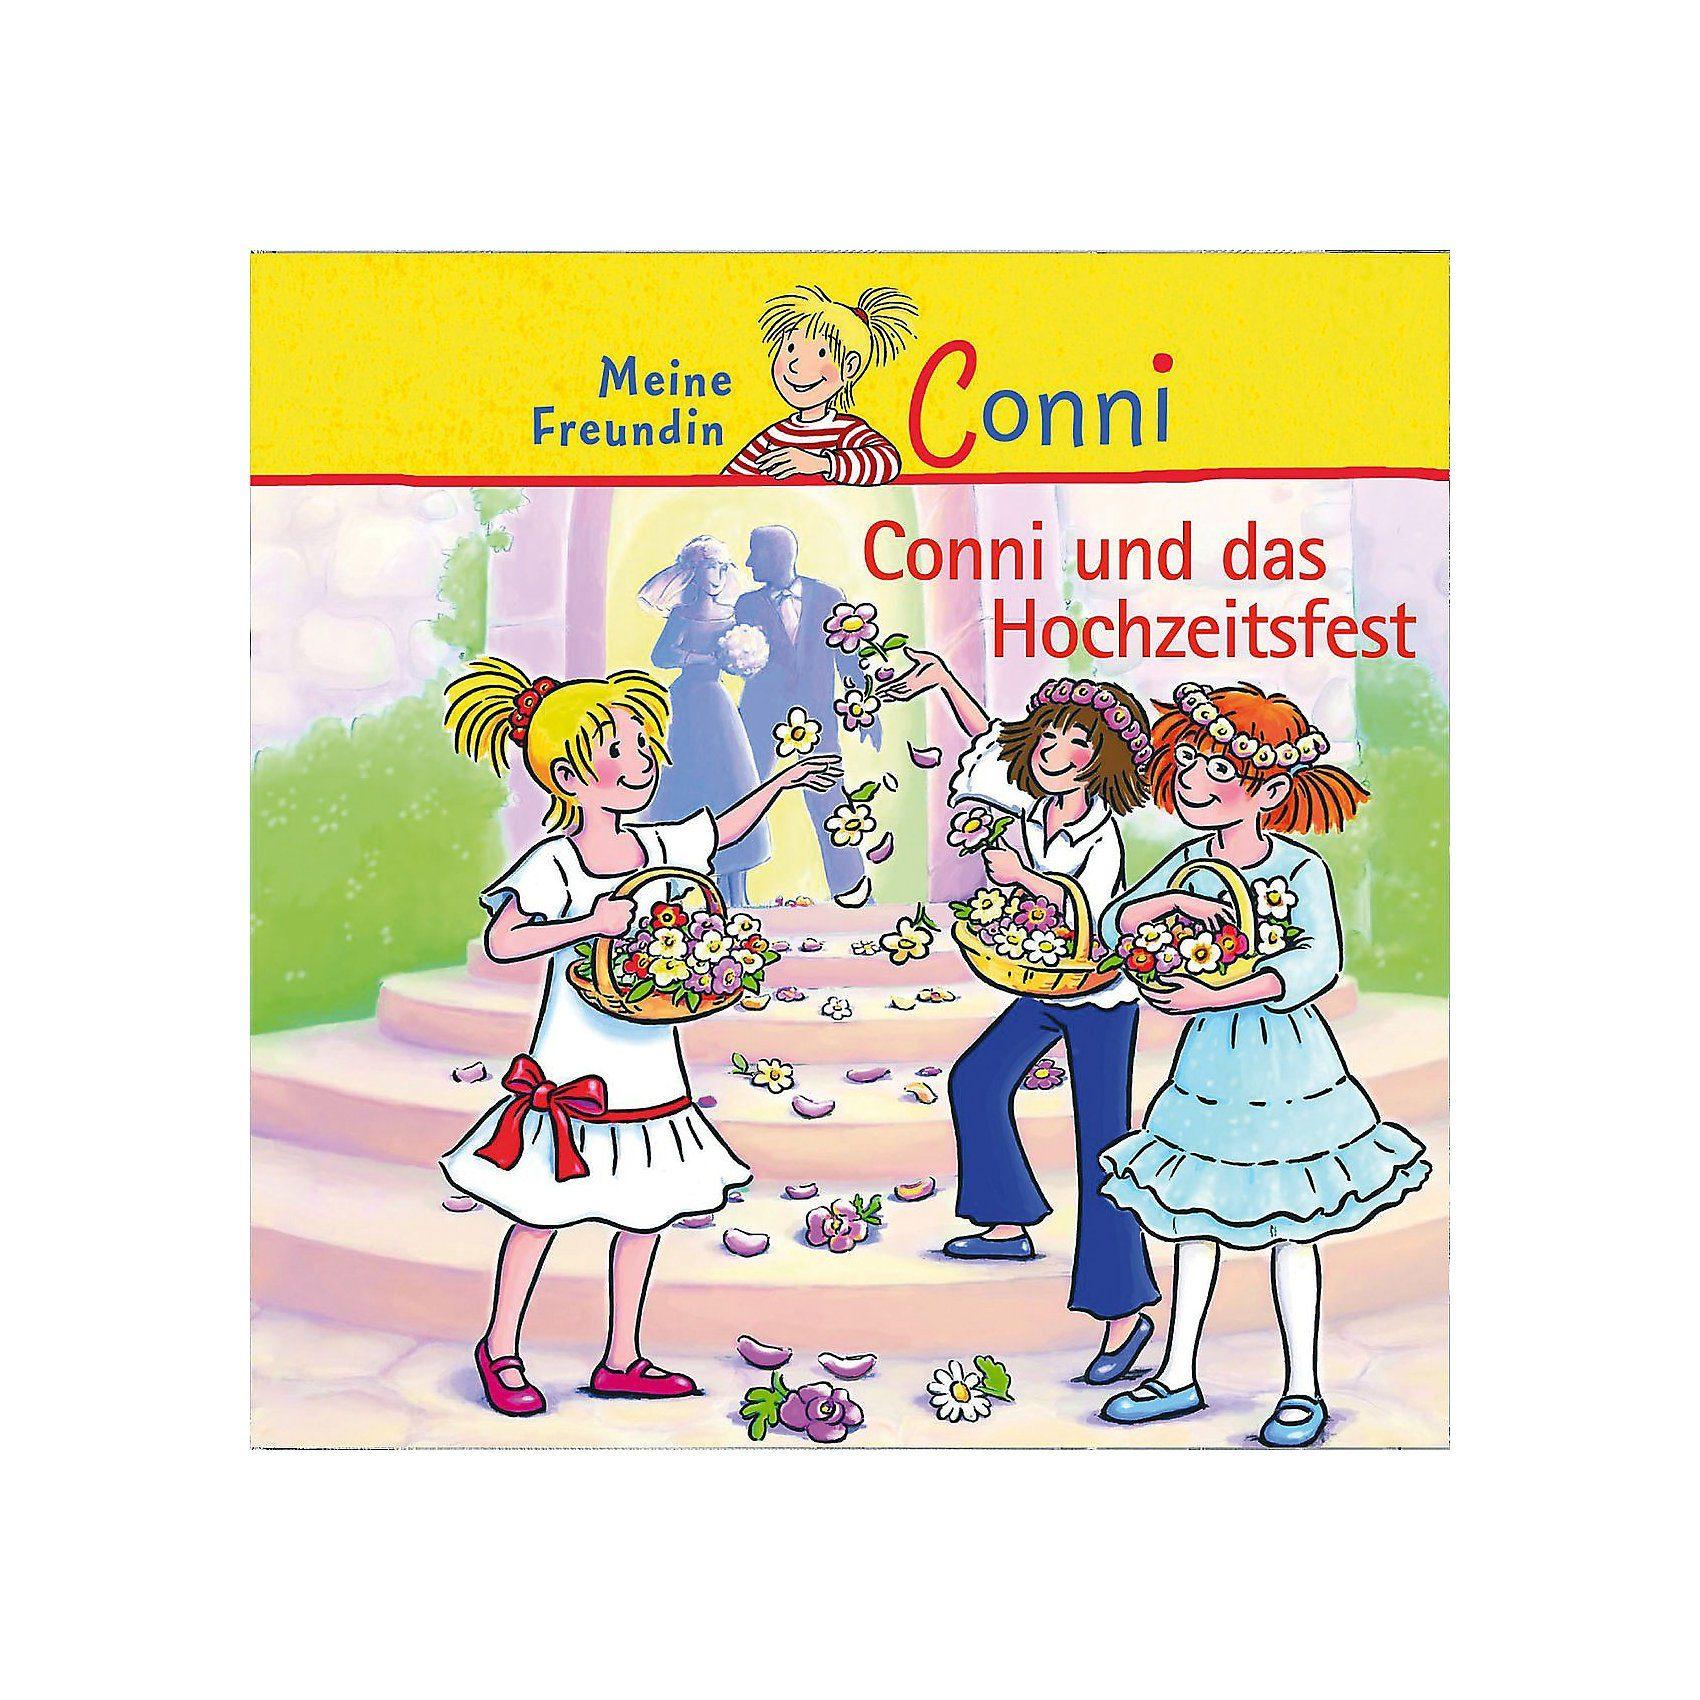 Universal Music GmbH CD Conni 24 - Conni und das Hochzeitsfest